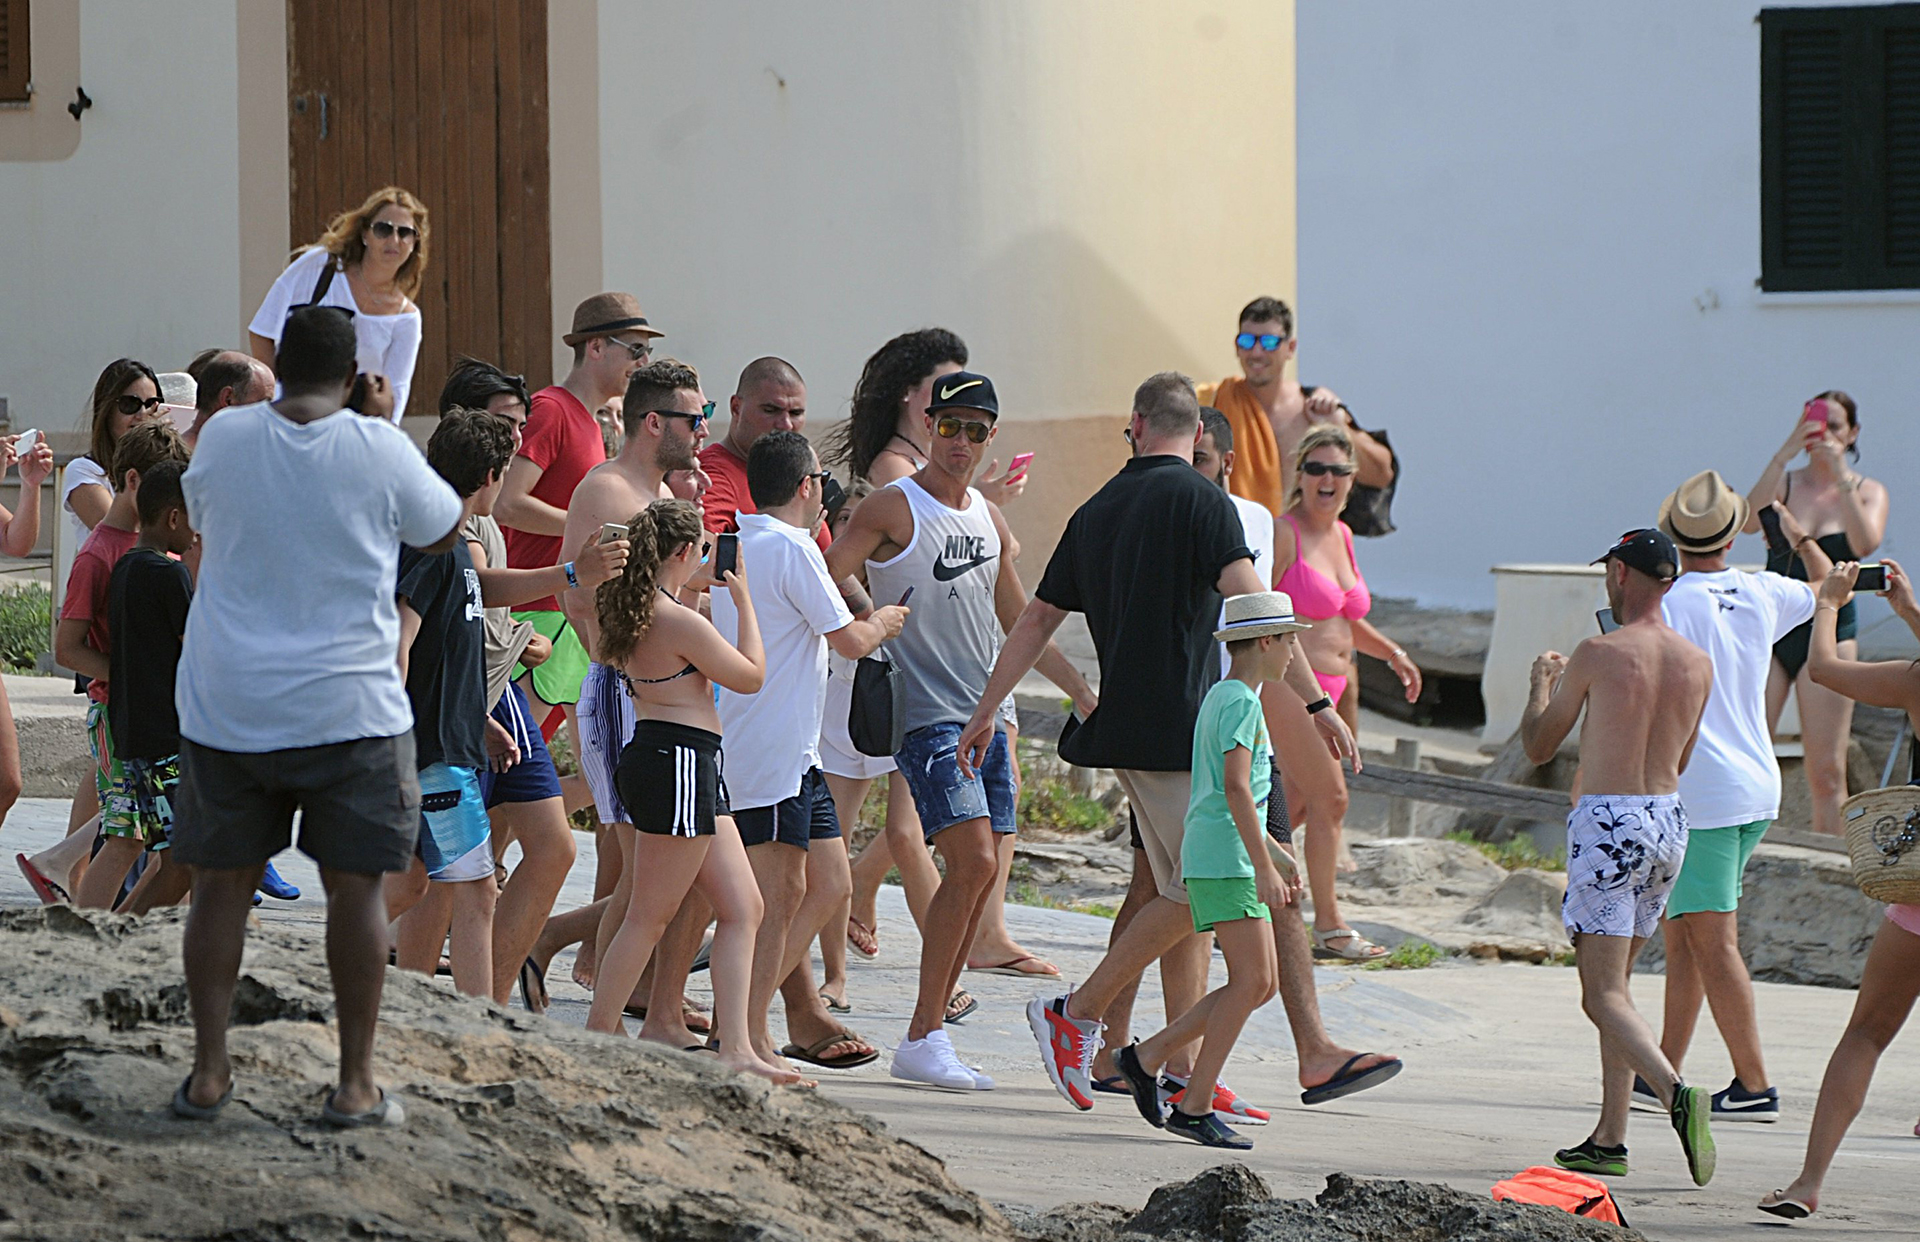 Parte del grupo que acompaña a Cristiano Ronaldo en Ibiza y algunos curiosos que, desesperados, apelaron a sus móviles para captar el momento de paso de la estrella